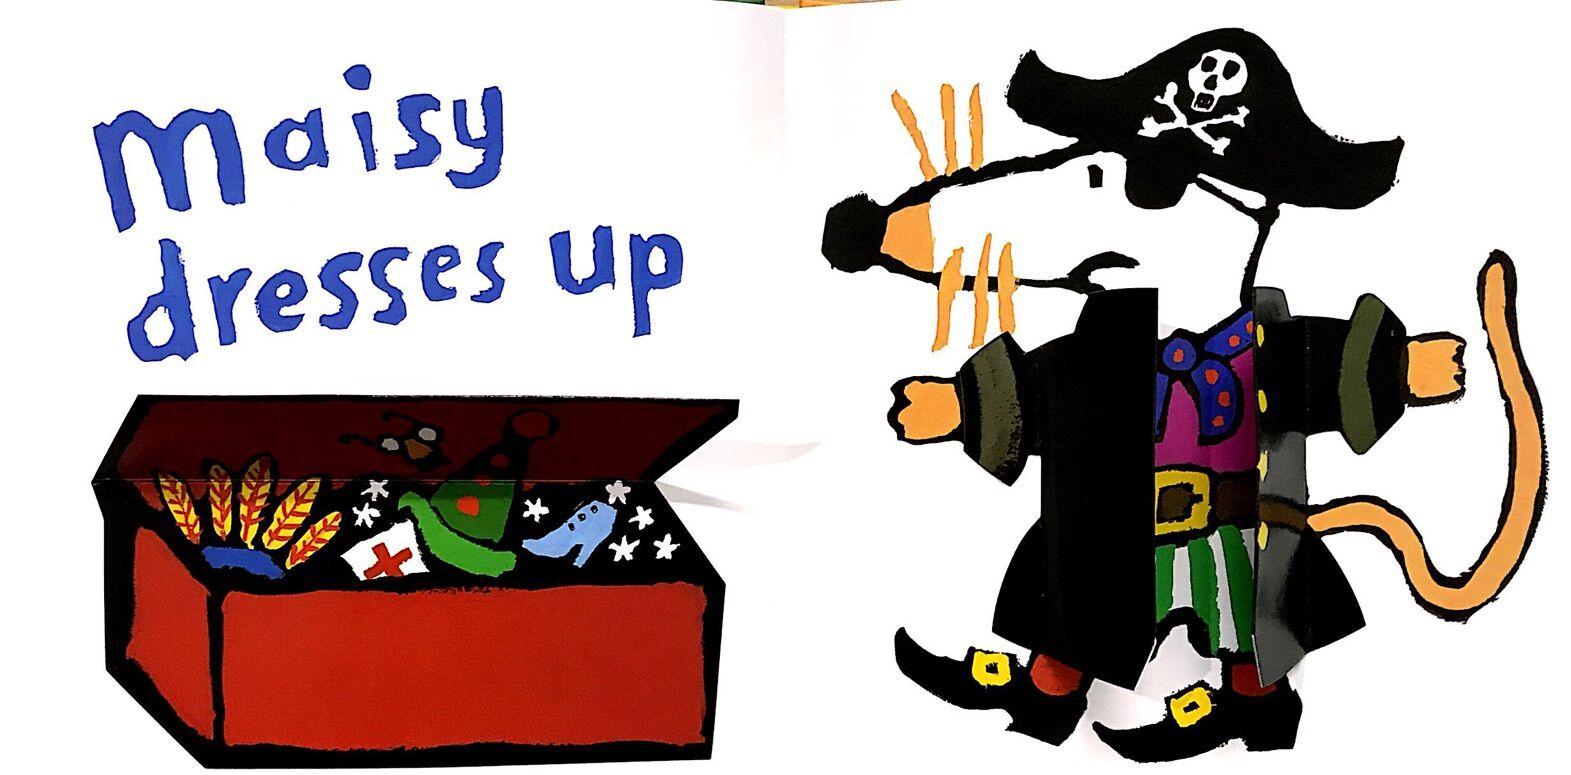 Maisy: Maisy Goes to Playschool 波波去幼儿游戏组(纸板书)